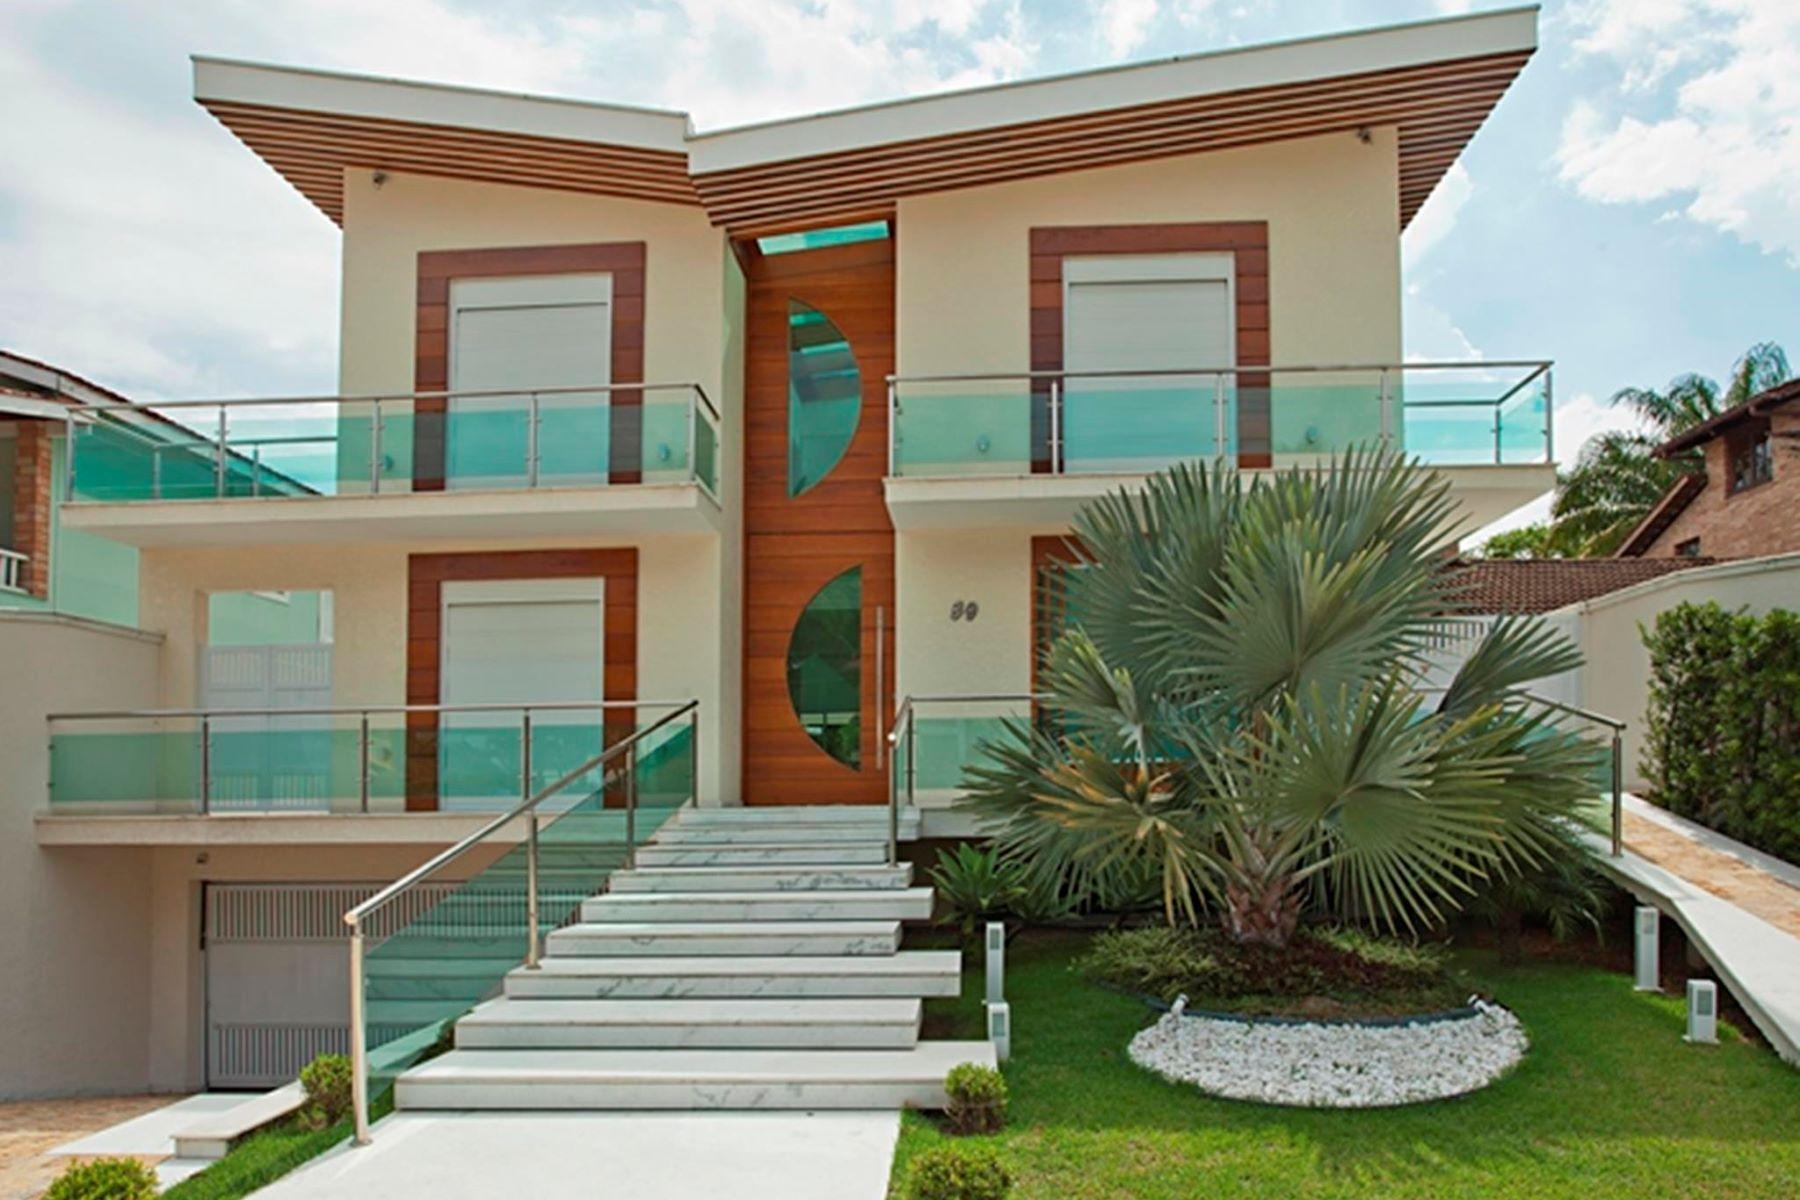 一戸建て のために 売買 アット Full Leisure Area Rua Passeio Manauara Bertioga, サンパウロ, 11250-000 ブラジル